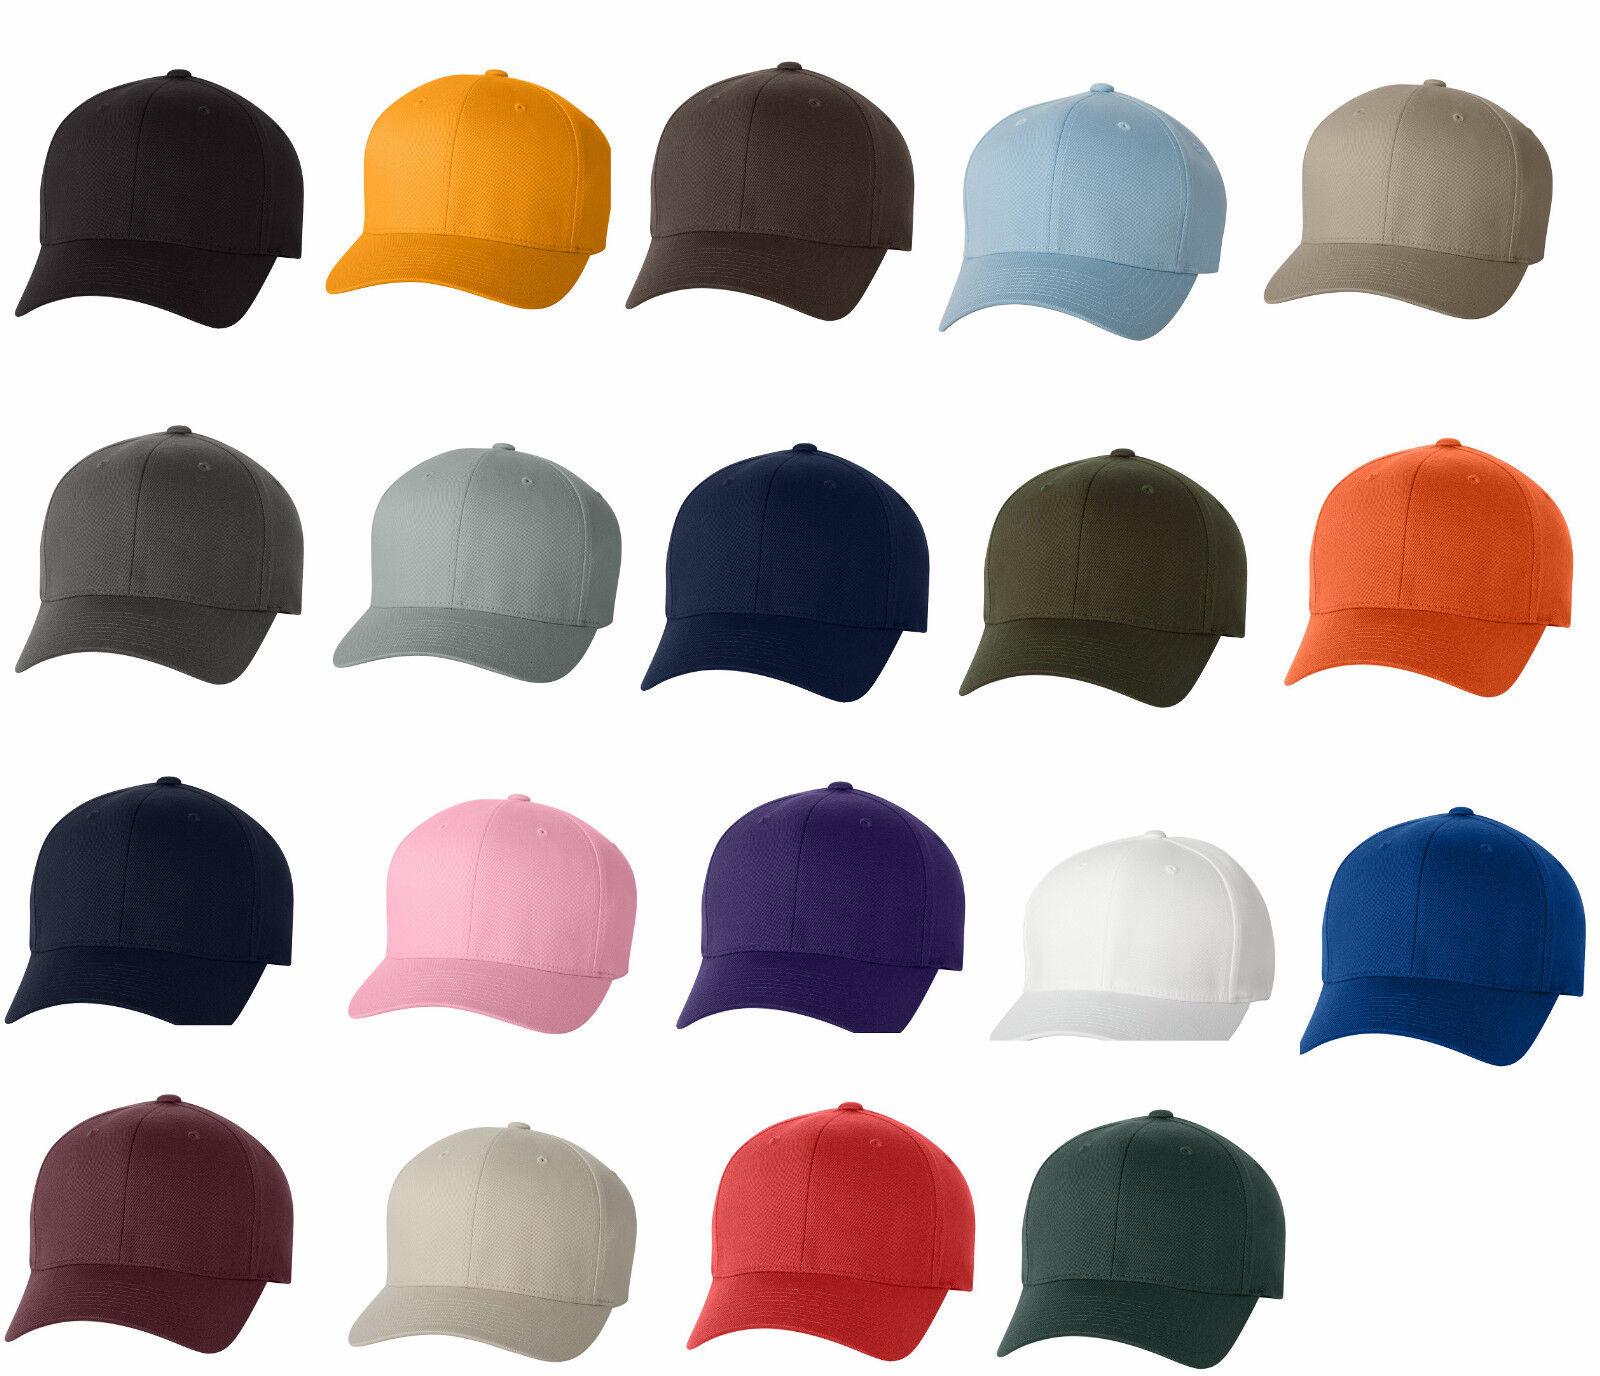 5847fe12929 Flexfit Structured Twill Fitted Cap Baseball Hat 6277 S M L XL XL 2XLNEW